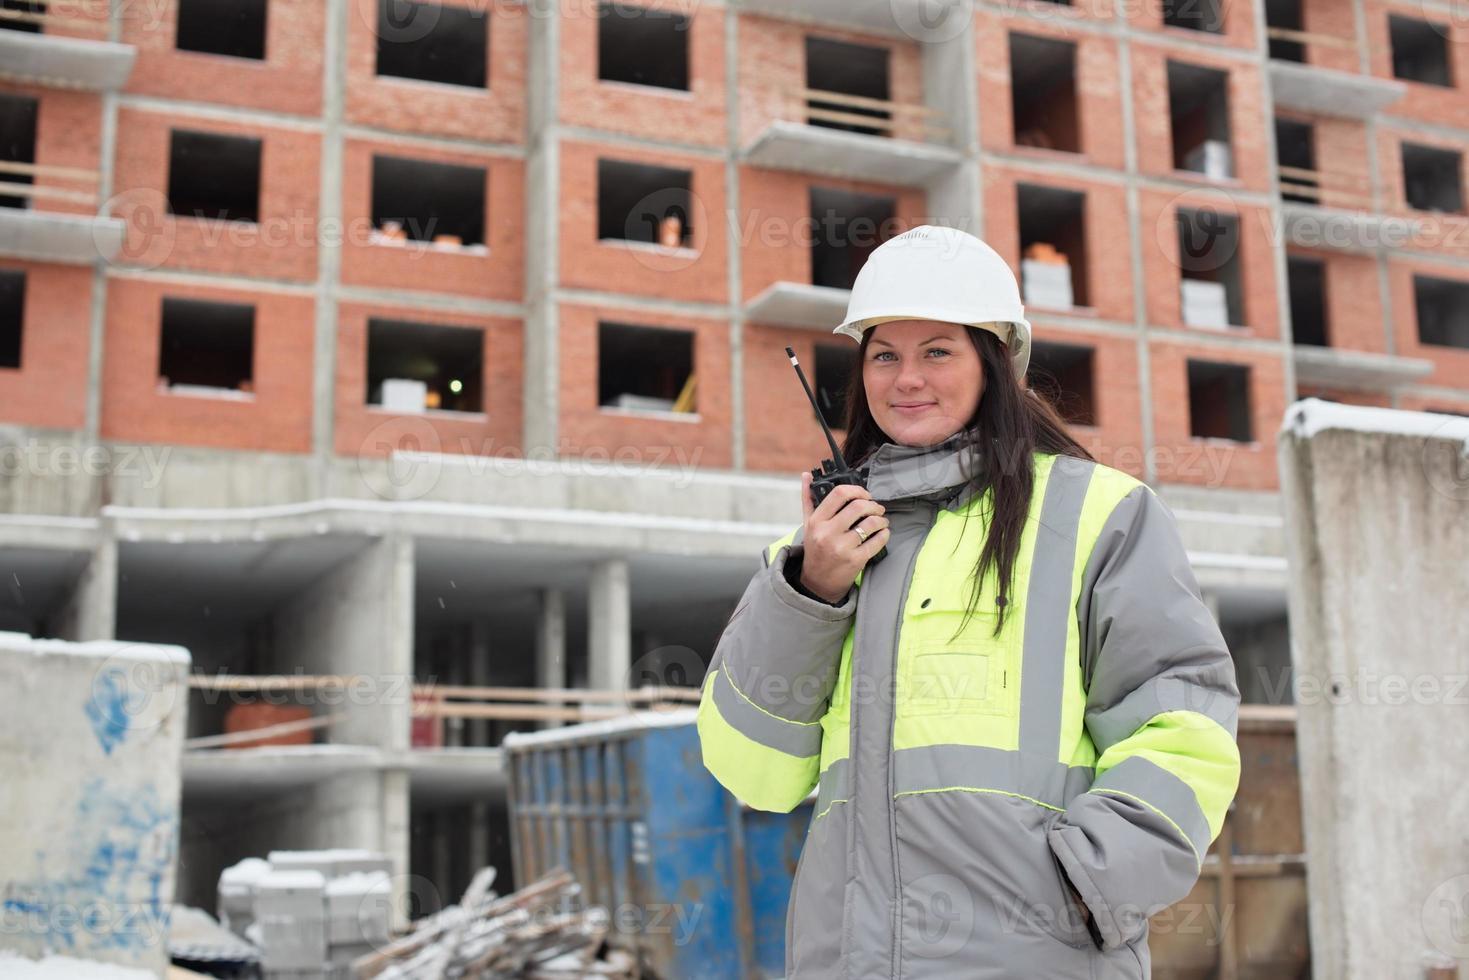 ingeniero civil en el sitio de construcción foto